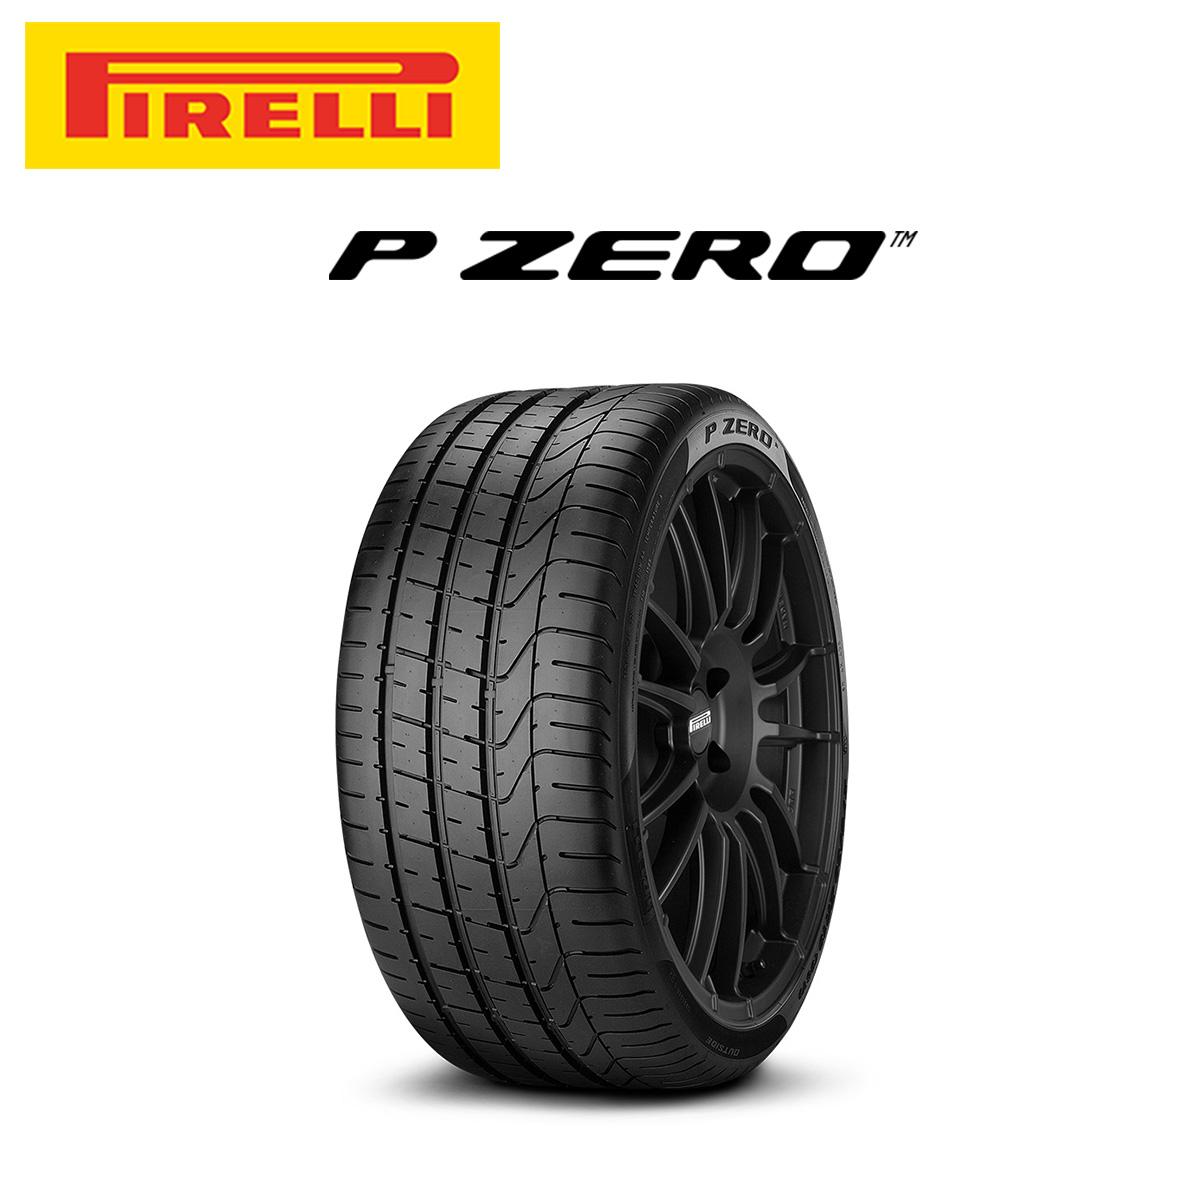 ピレリ PIRELLI P ZERO ピーゼロ 19インチ サマー タイヤ 4本 セット 255/40R19 96W r-f ★:BMW MINI承認タイヤ 2141100